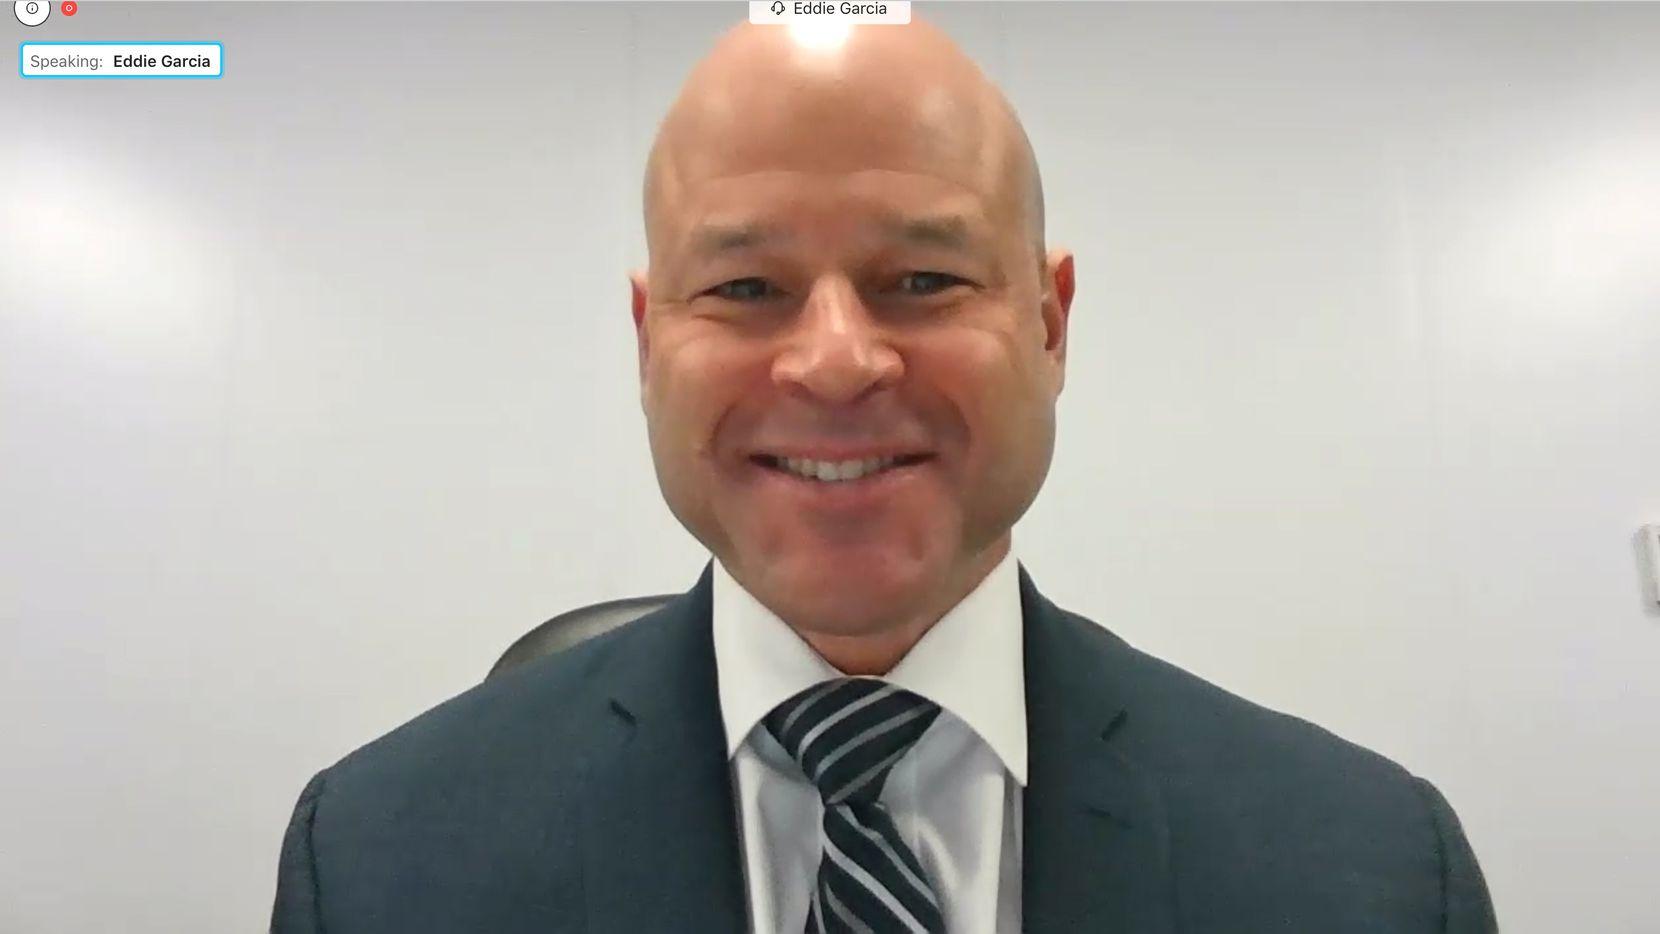 El nuevo jefe de policía Eddie García fue presentado a través de una videoconferencia, el lunes.